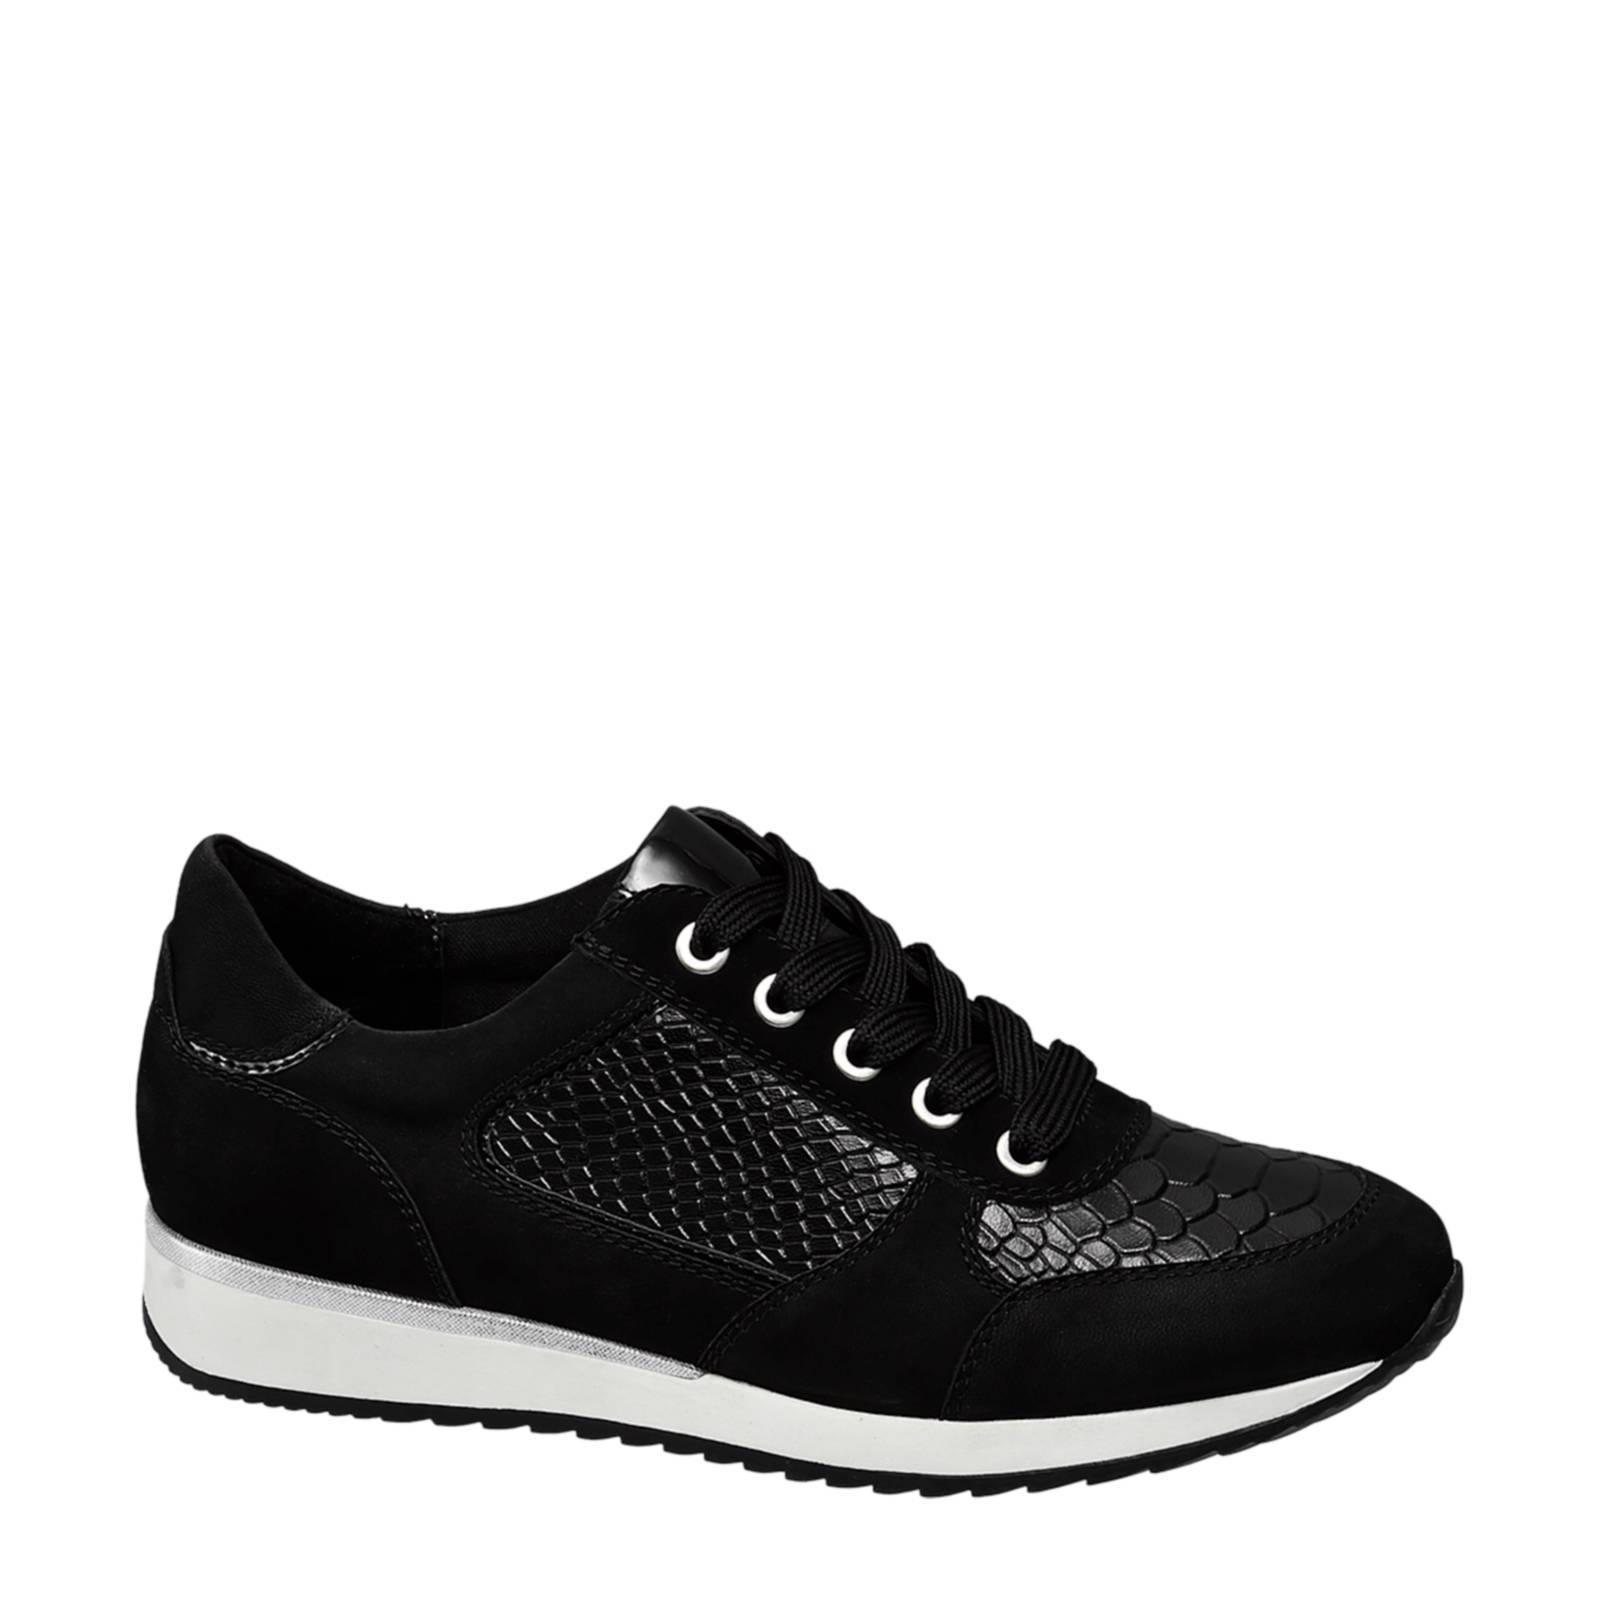 zwarte lak schoenen dames